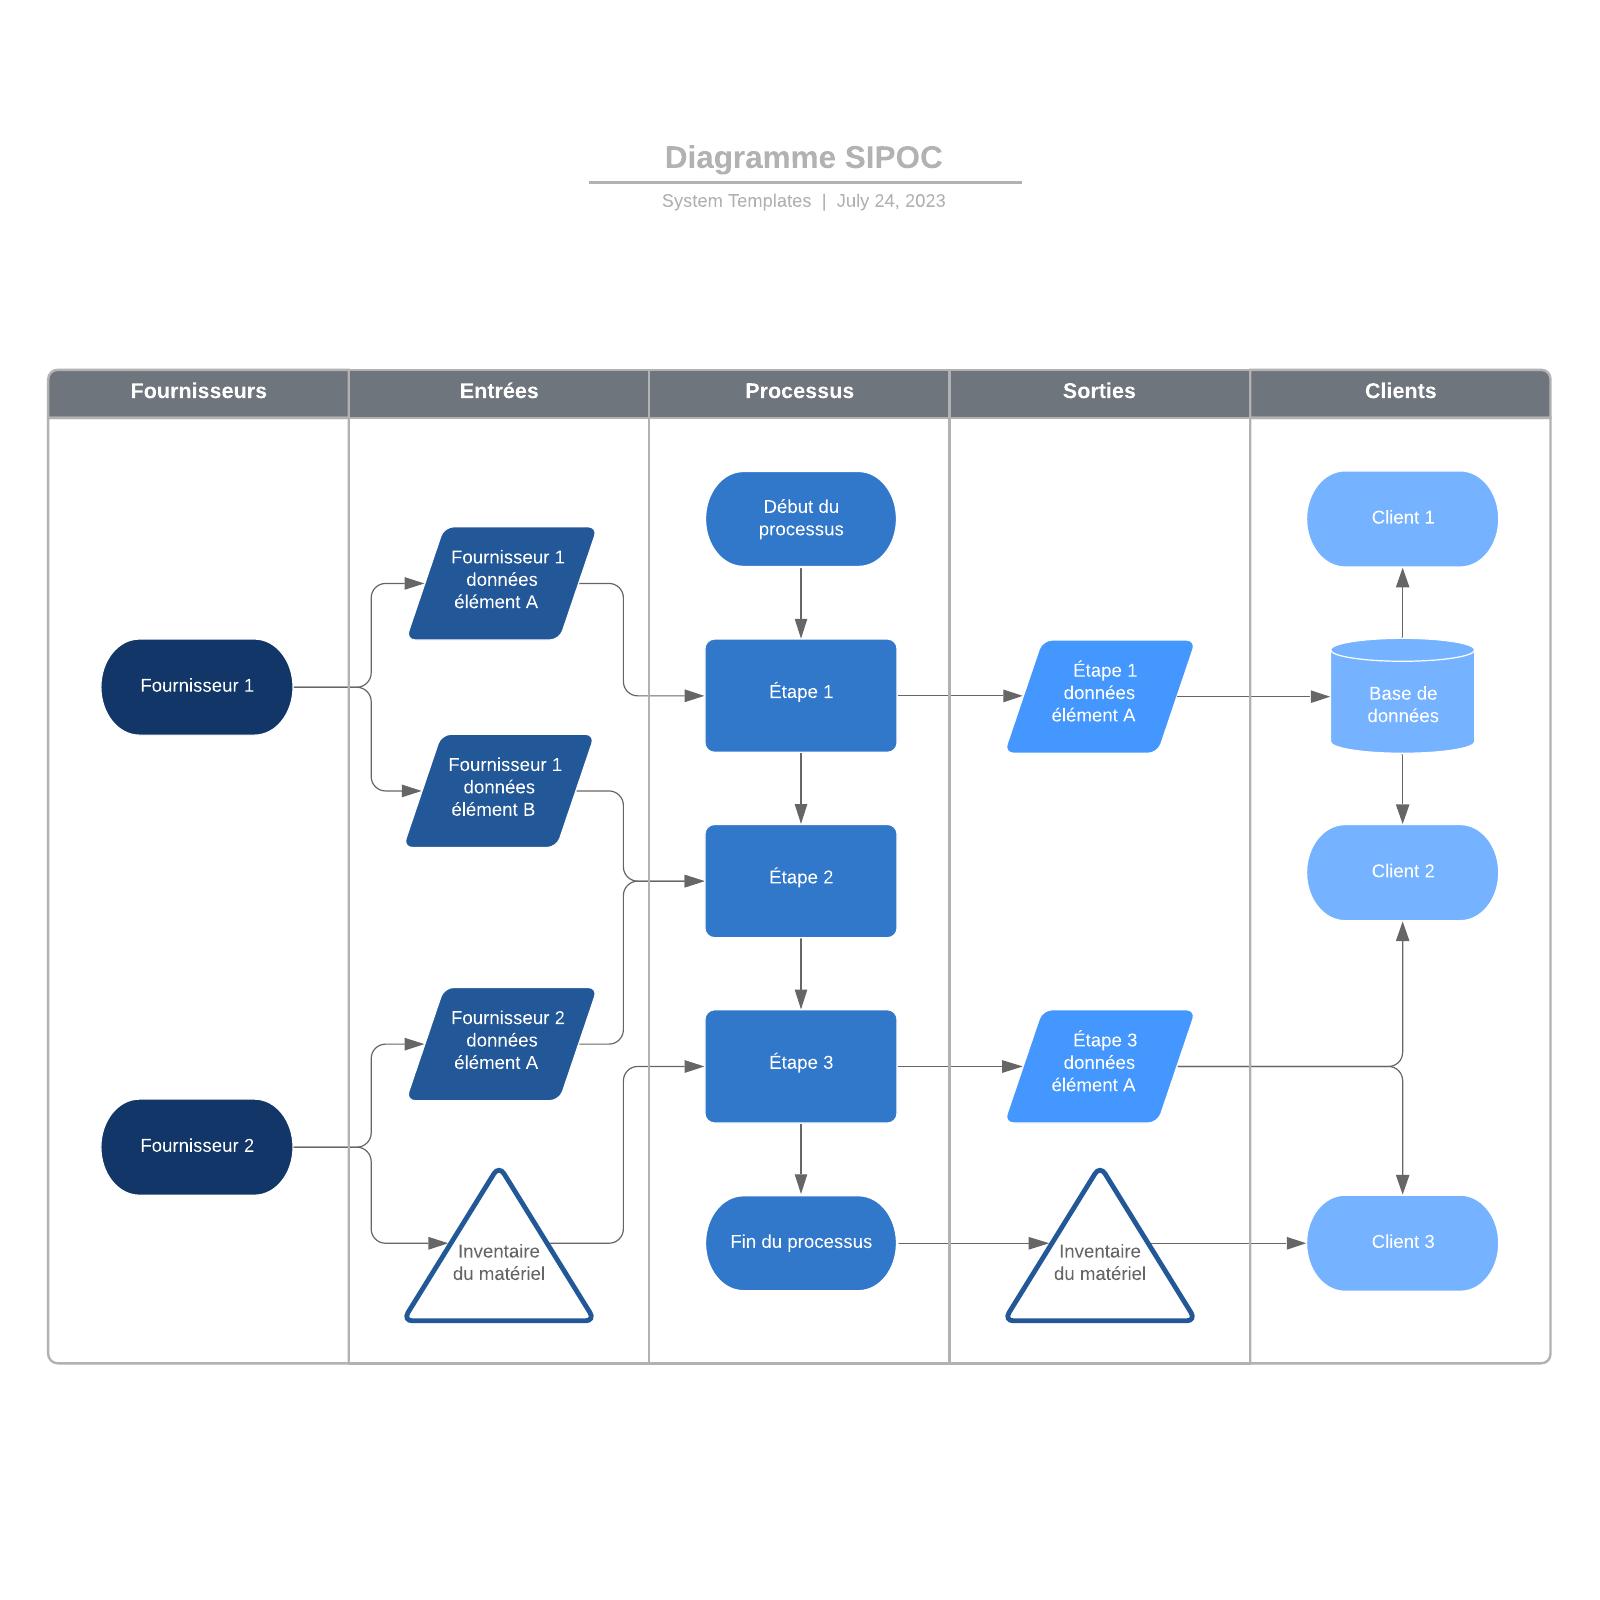 exemple de diagramme SIPOC